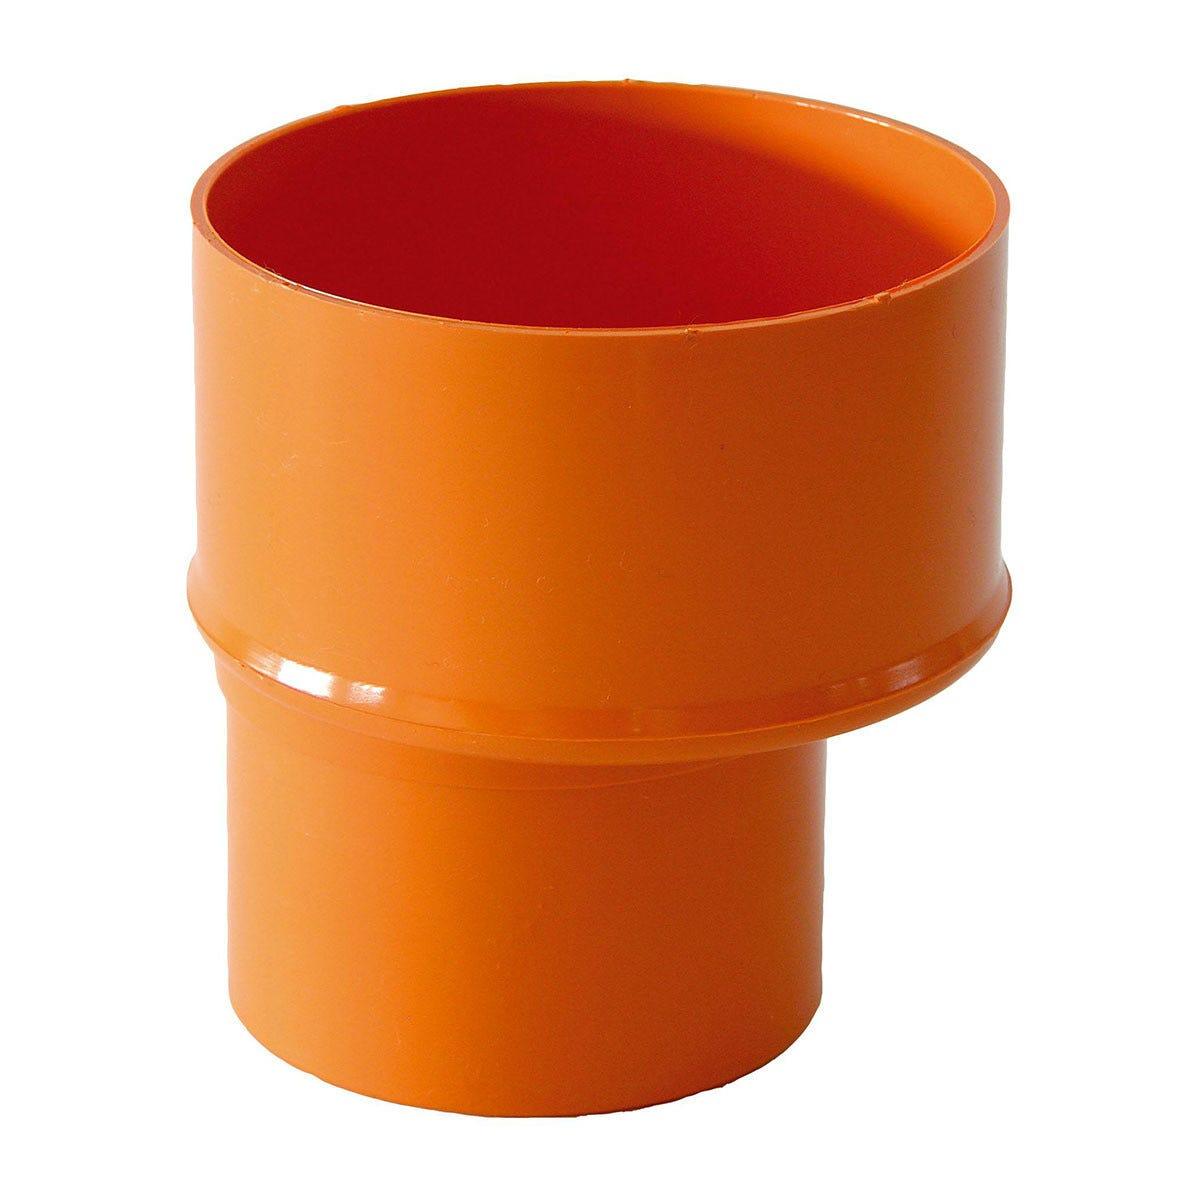 riduzione Ø 125x100 mm pvc arancio